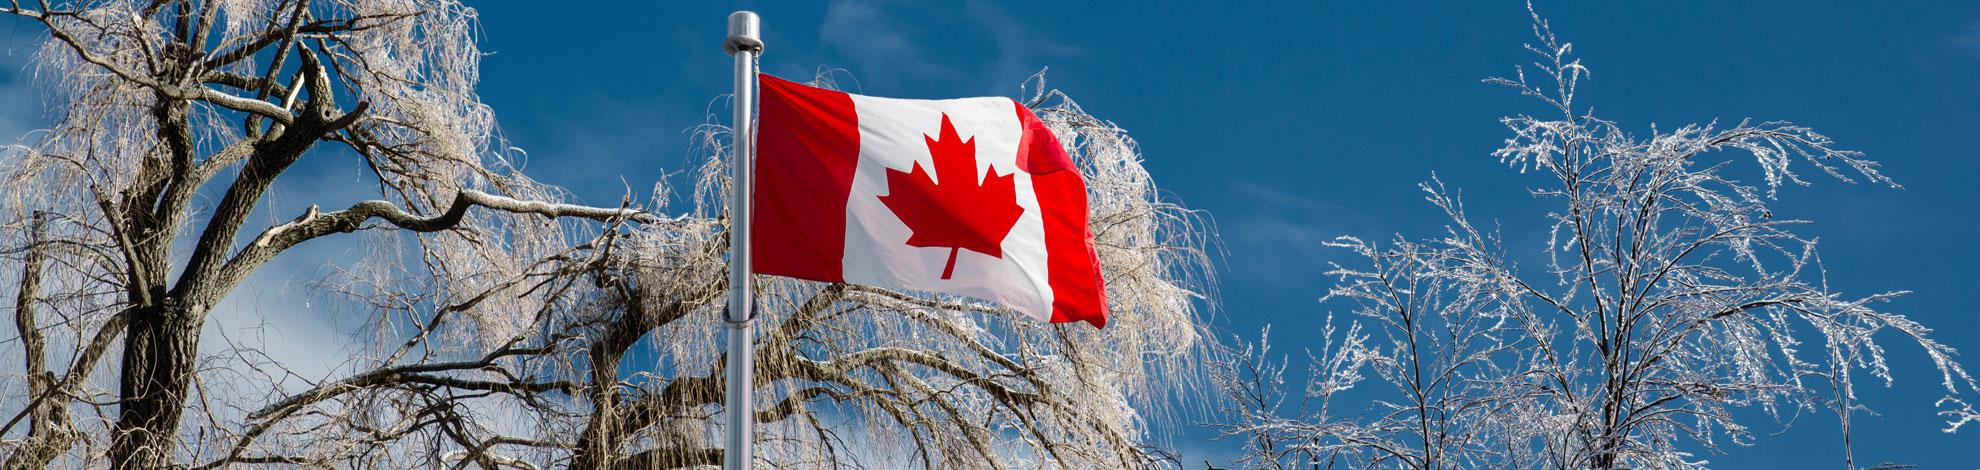 Adresses utiles pour un voyage au Canada